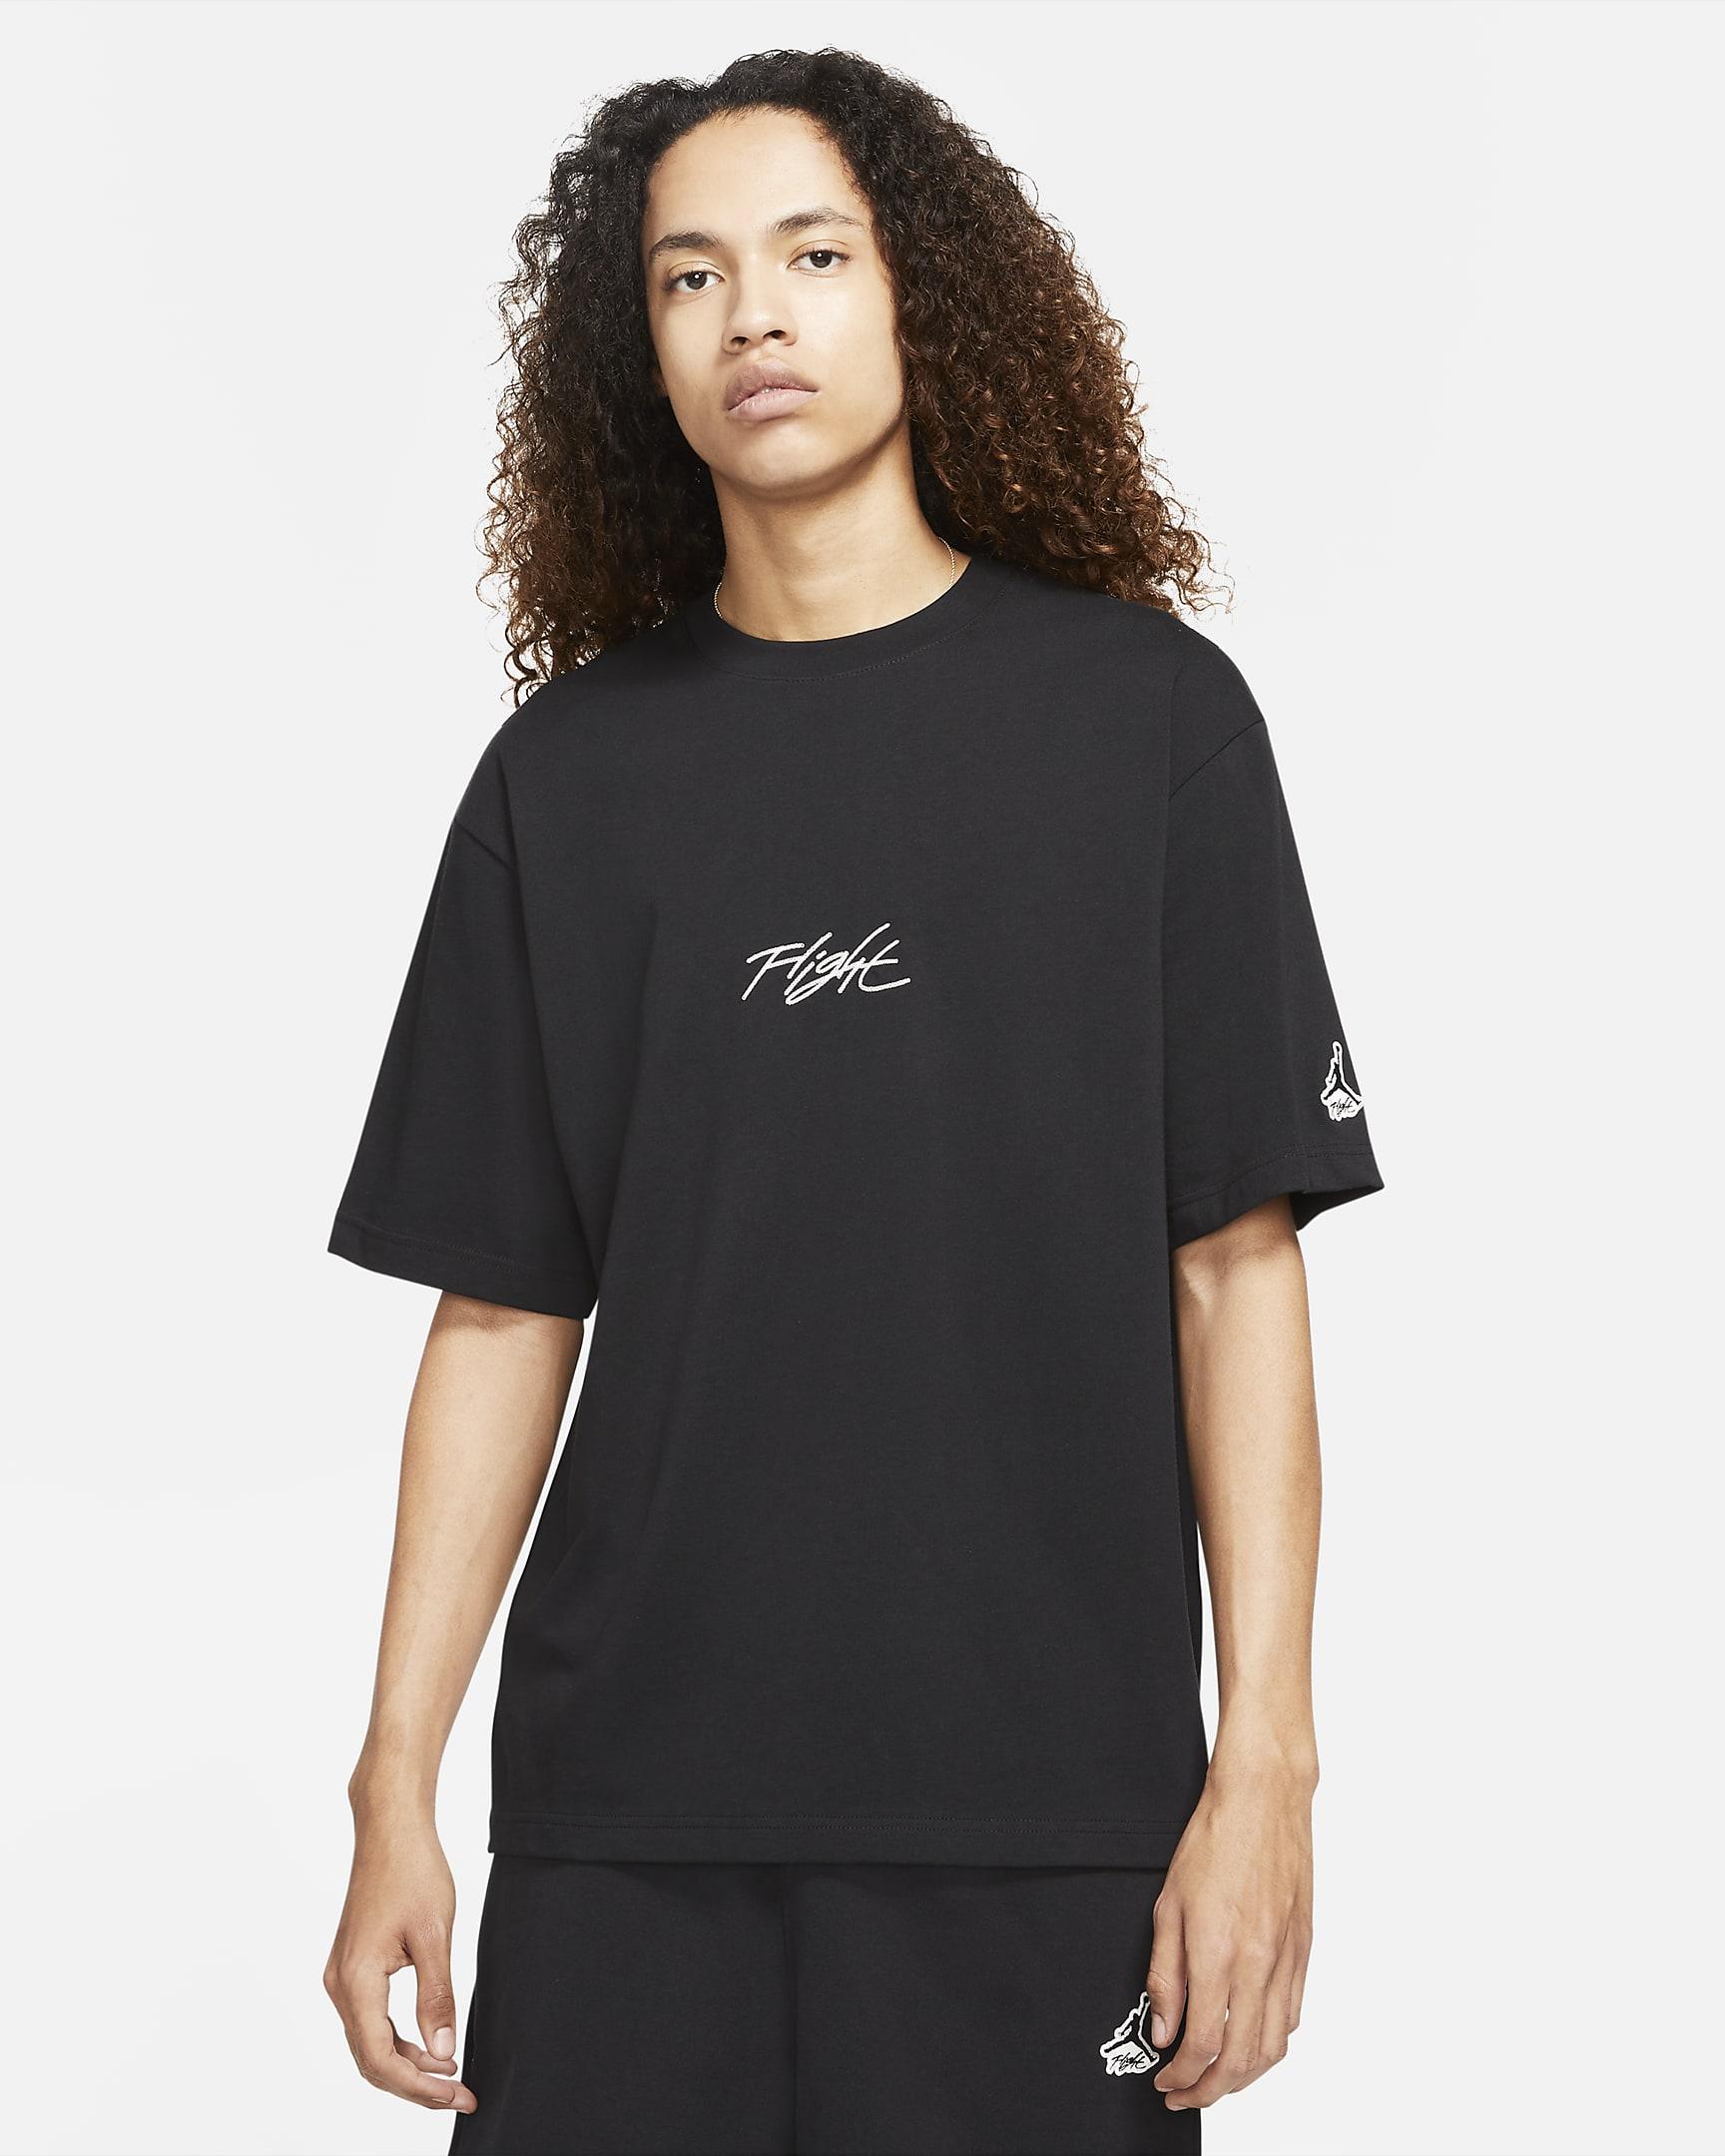 jordan-flight-essentials-mens-short-sleeve-t-shirt-J0tWDs.png